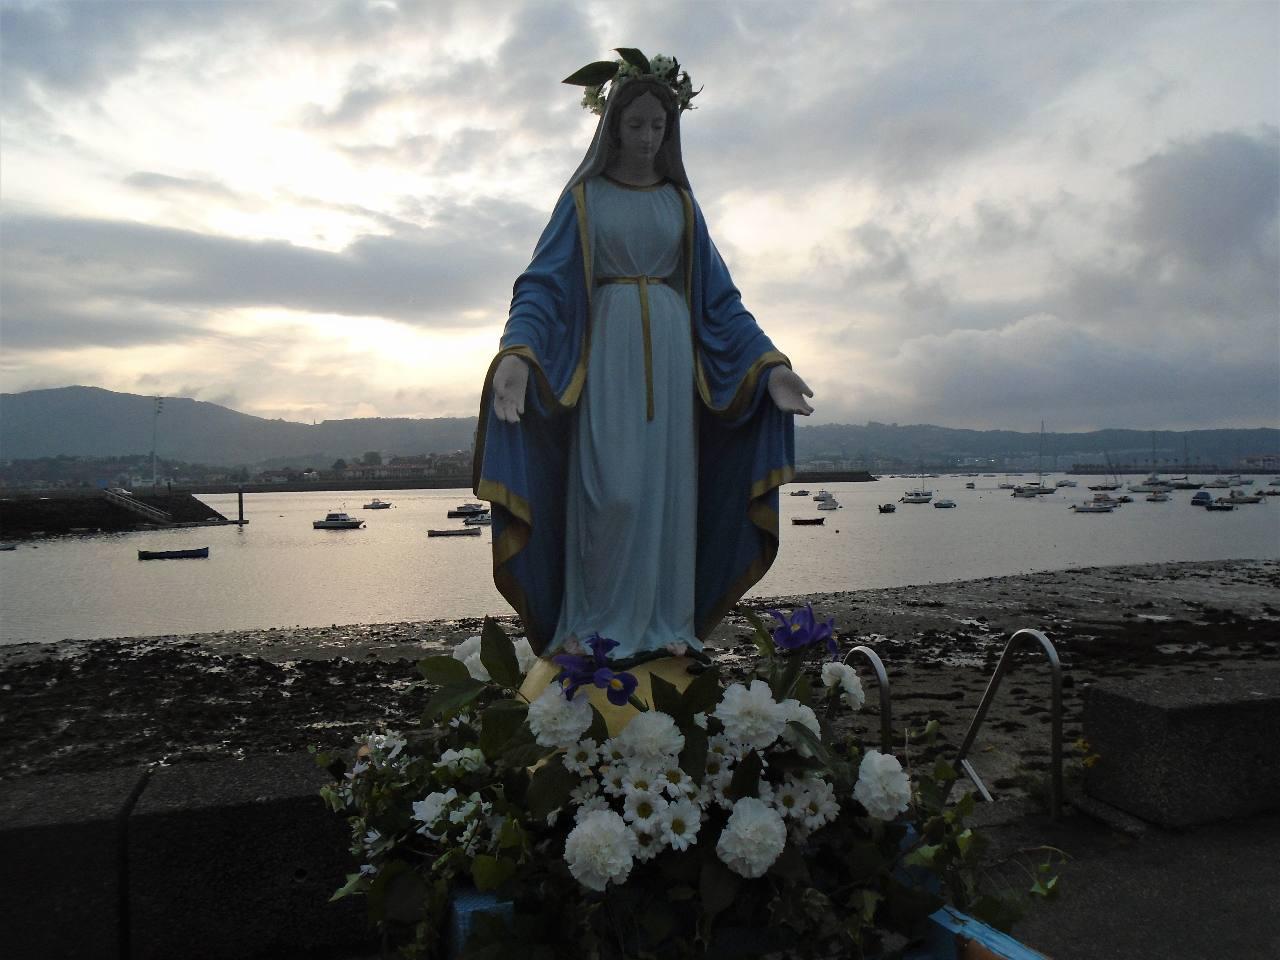 Un ciel expressif pour auréoler Marie